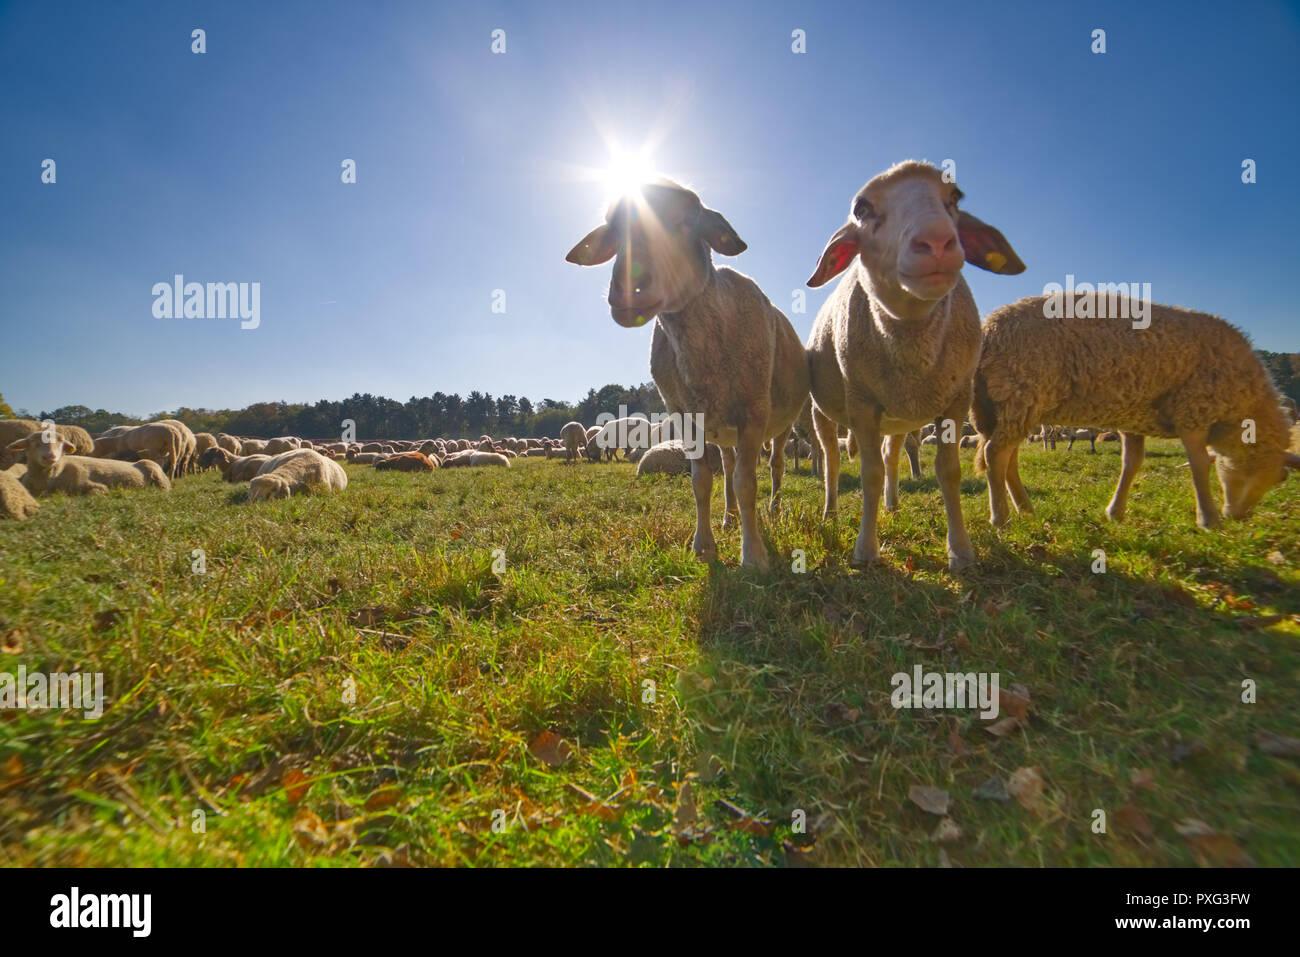 Schafe beim Weiden auf der Wiese - schafsherde am Kalscheurer Weiher Stockbild